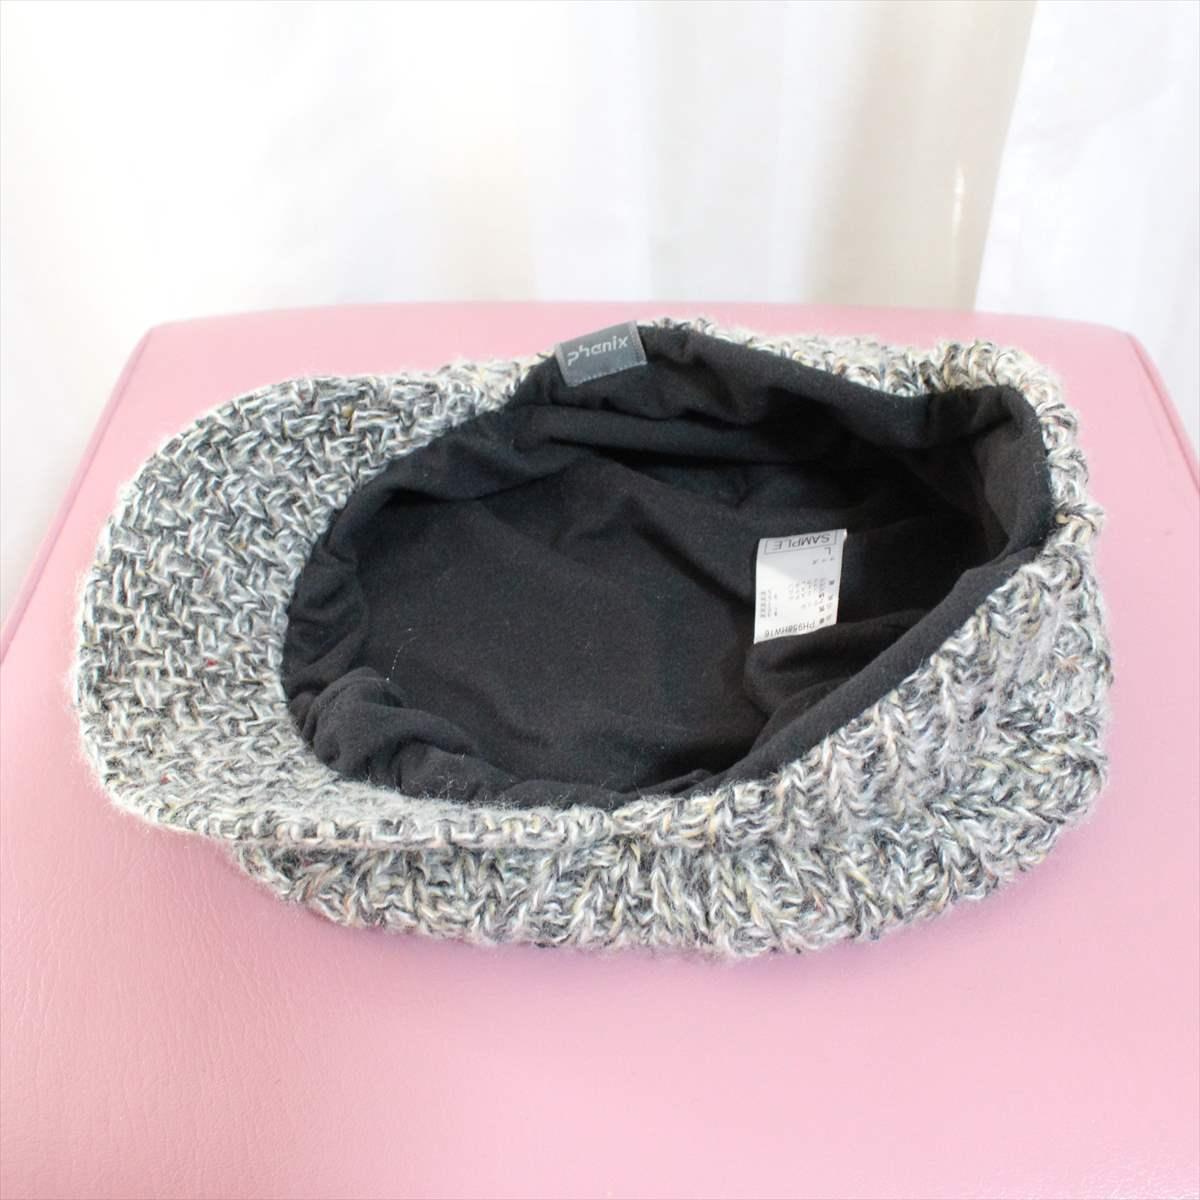 フェニックス phenix melange knit casquette 新品 キャスケット 帽子 メランジニット_画像4